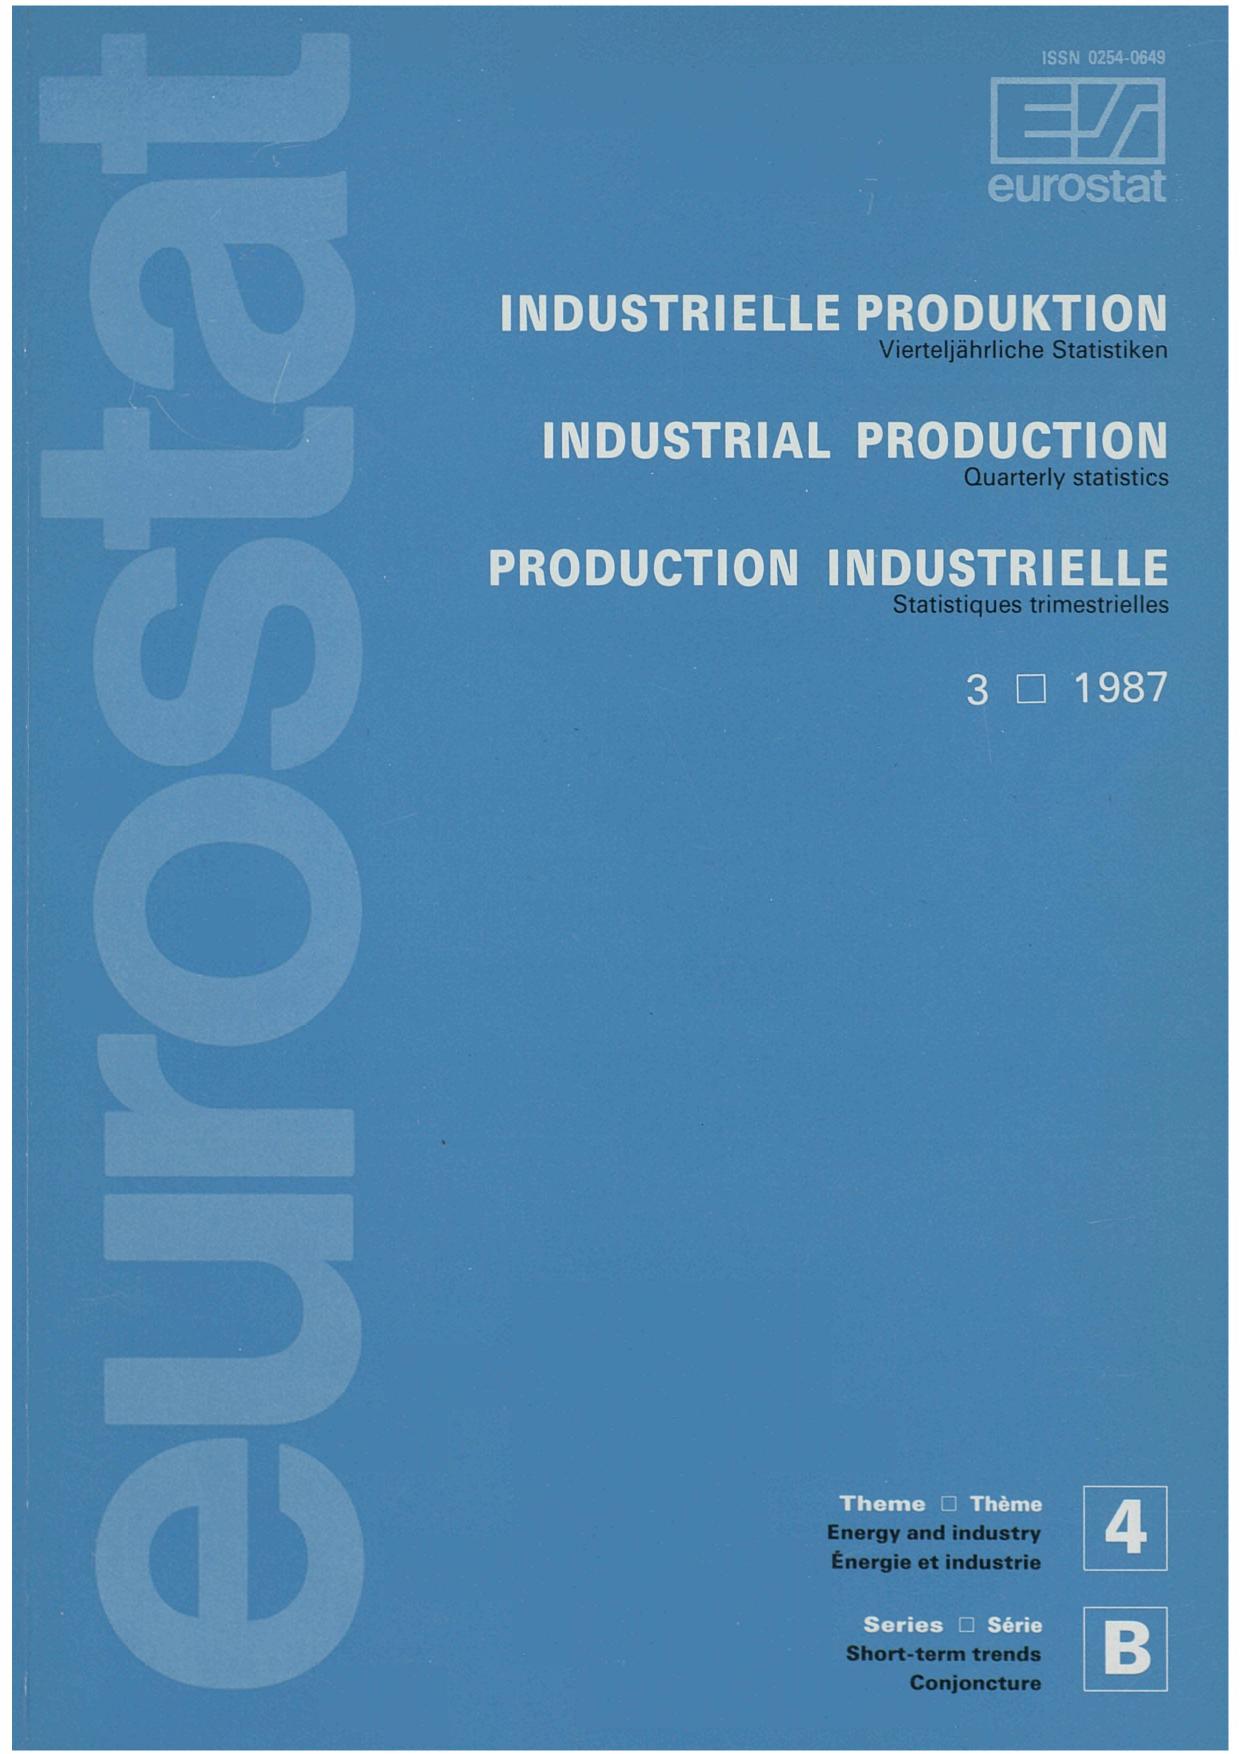 Industrielle Produktion Vierteljahrliche Statistiken 3 1987